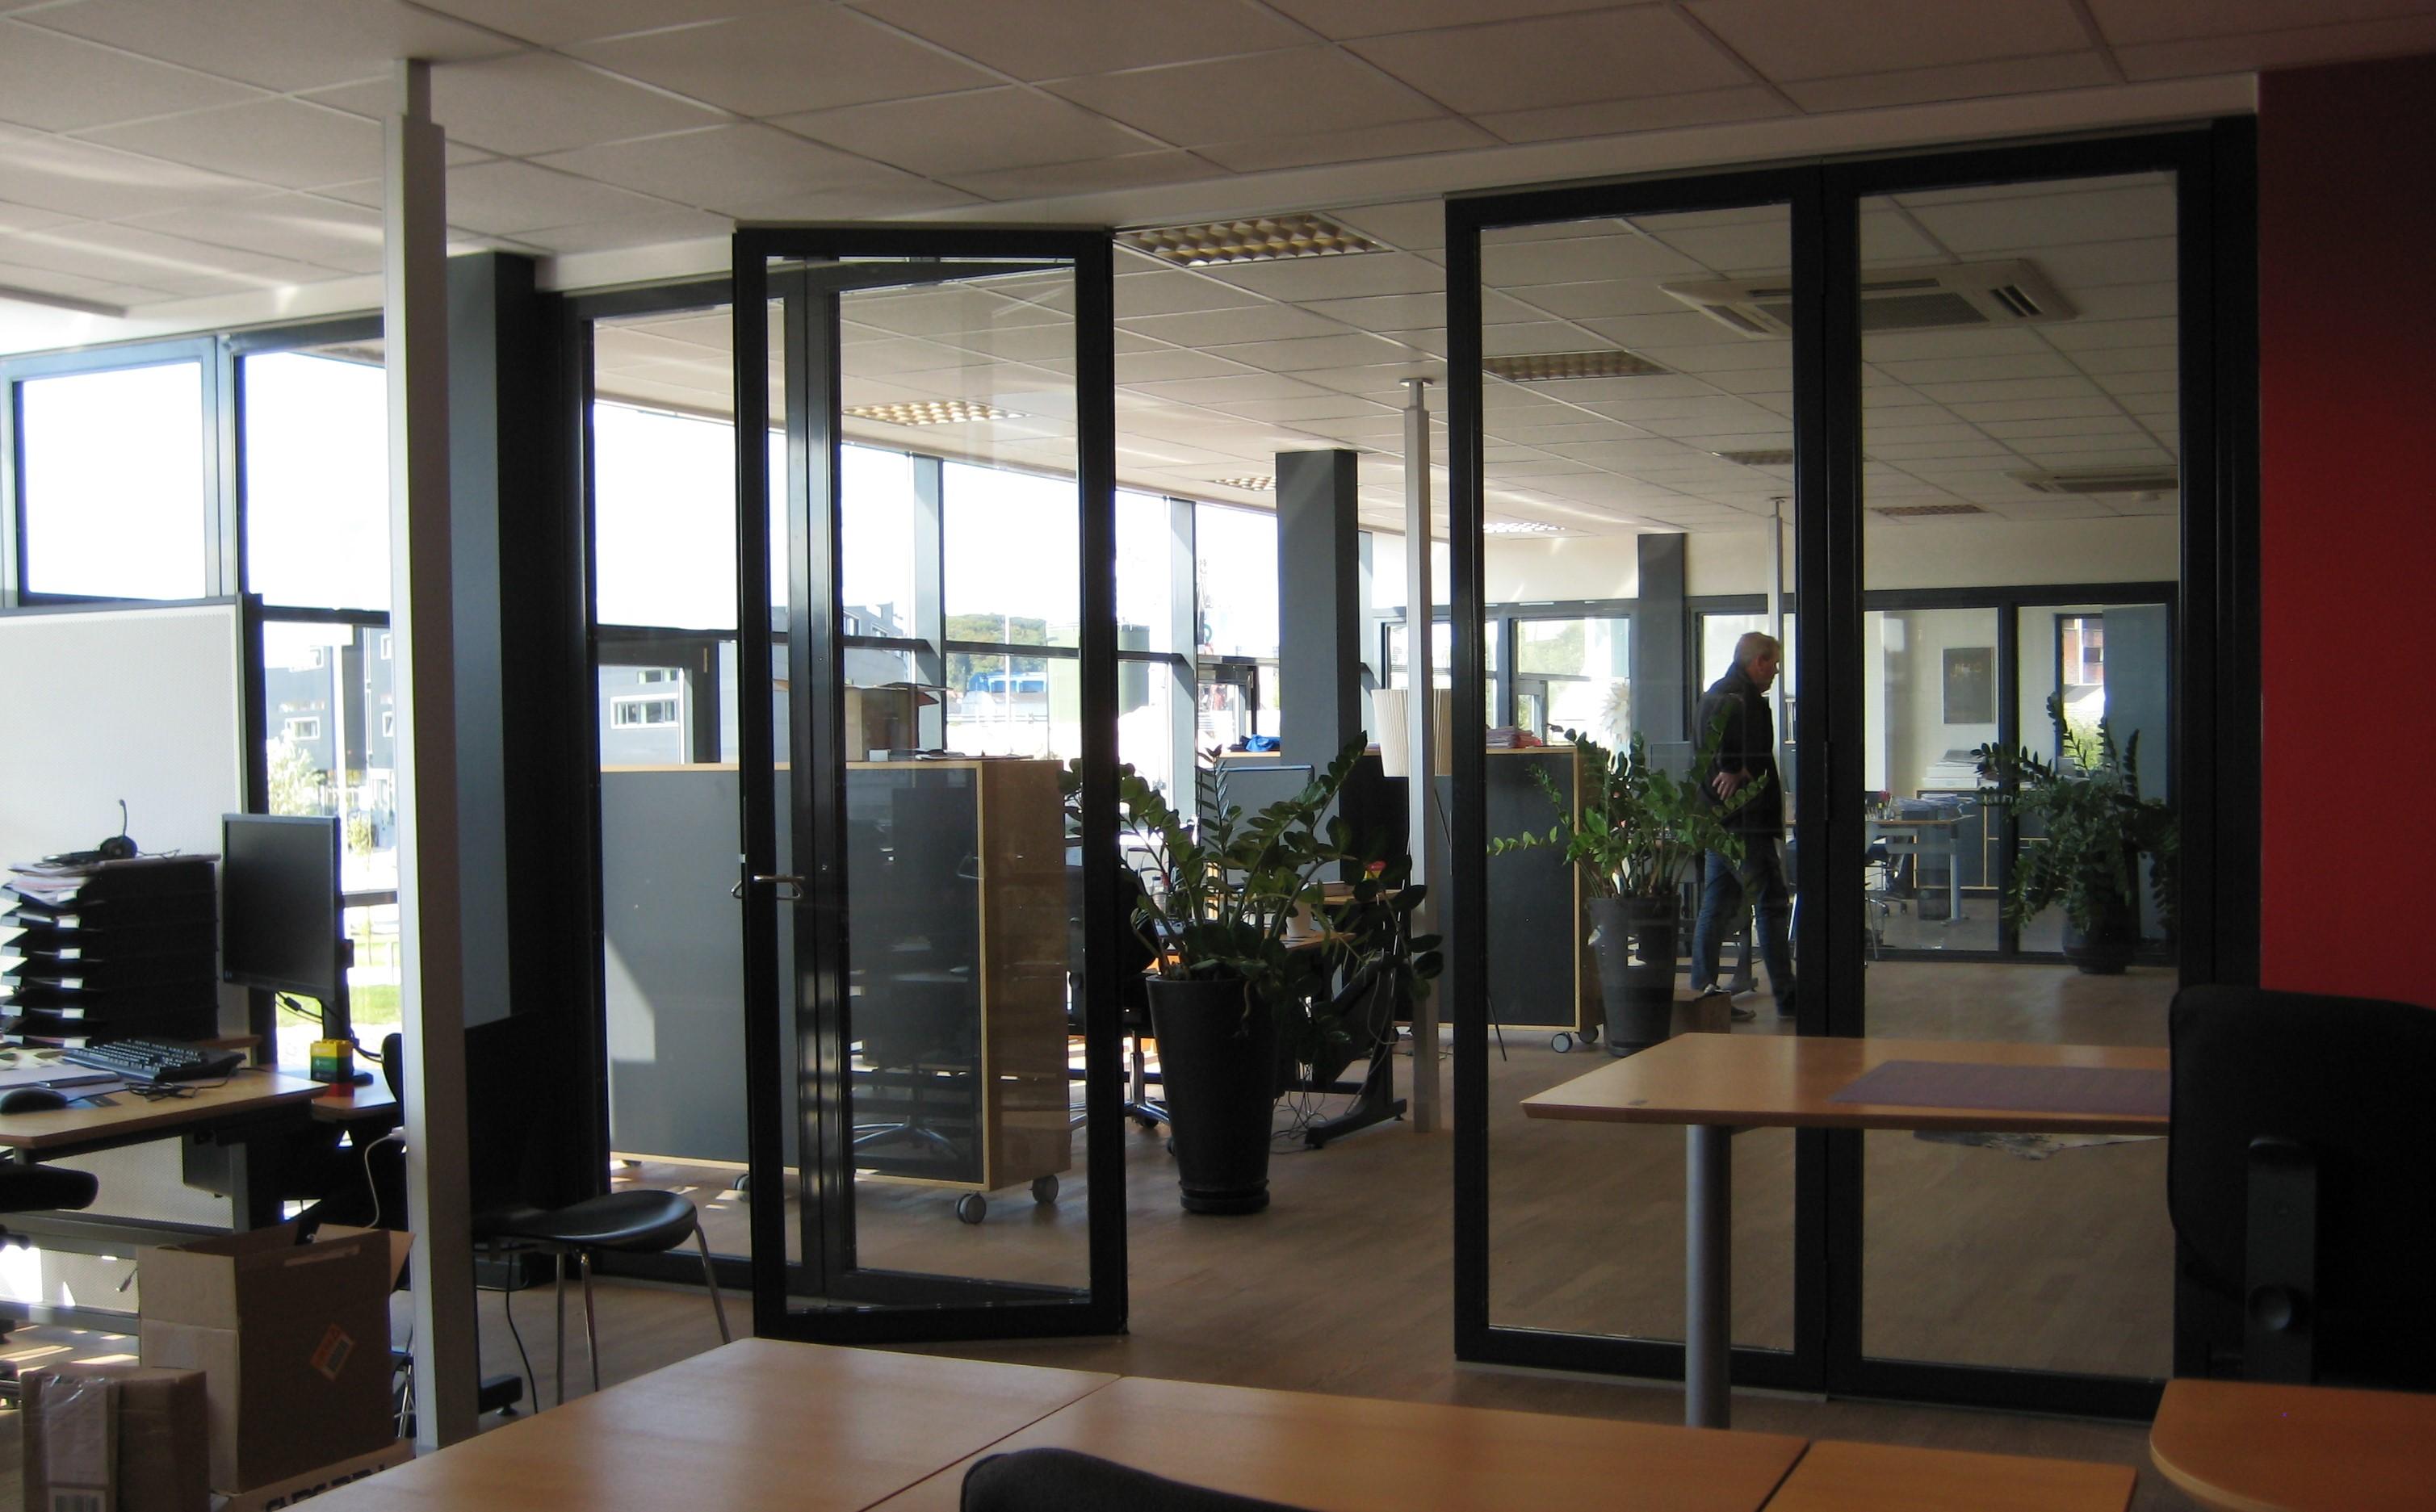 Foldevægge - Foldedøre - Glasfoldevægge - Dianaflex ApS